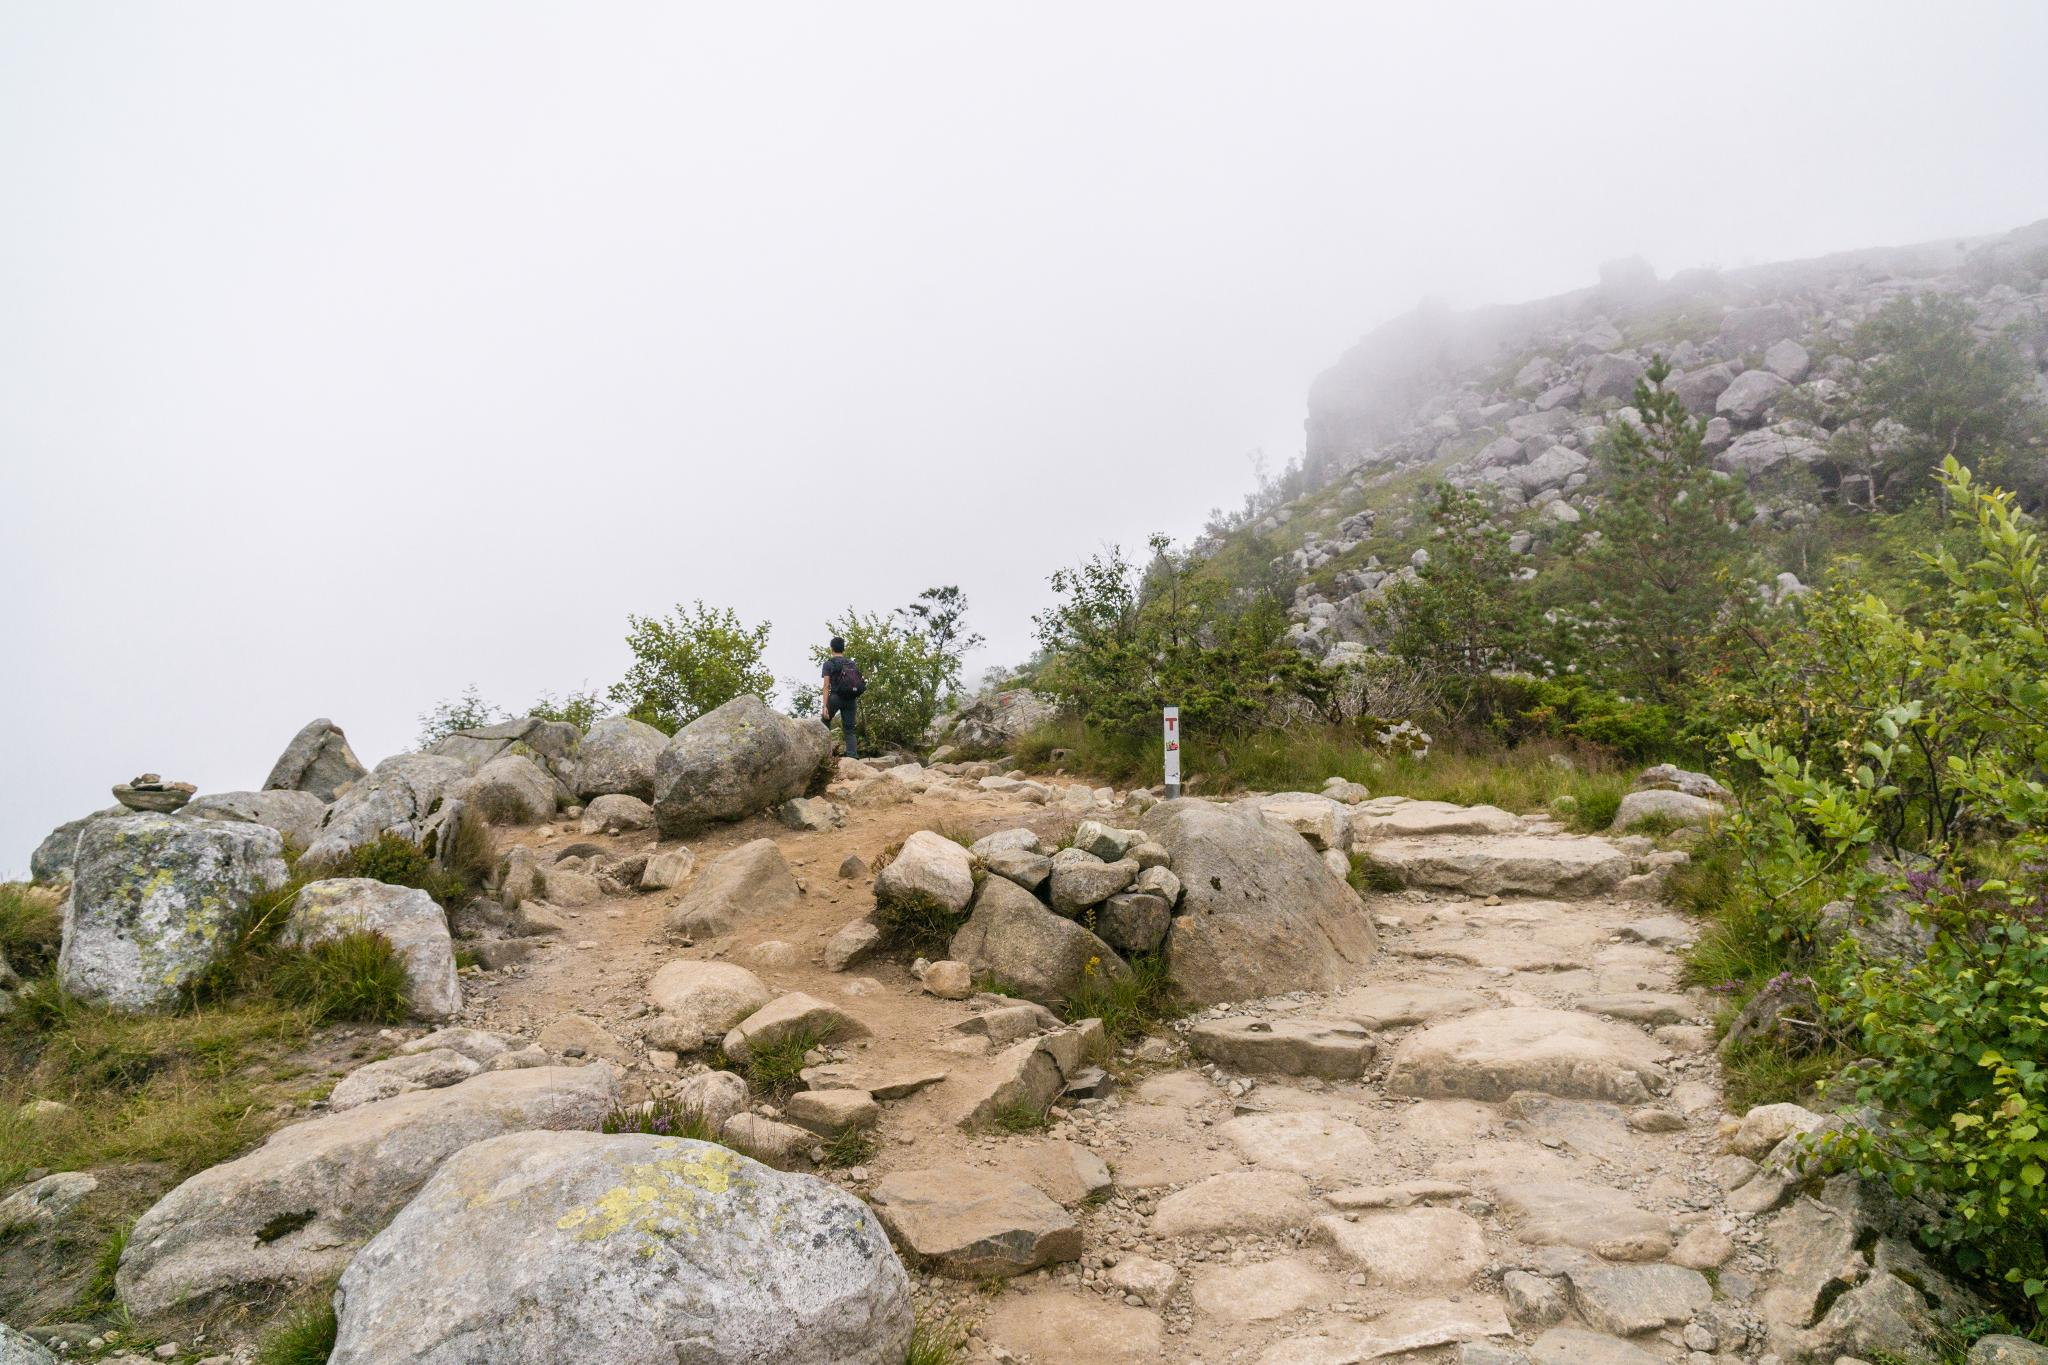 【北歐景點】朝聖挪威三大奇岩:聖壇岩Preikestolen健行紀錄 11